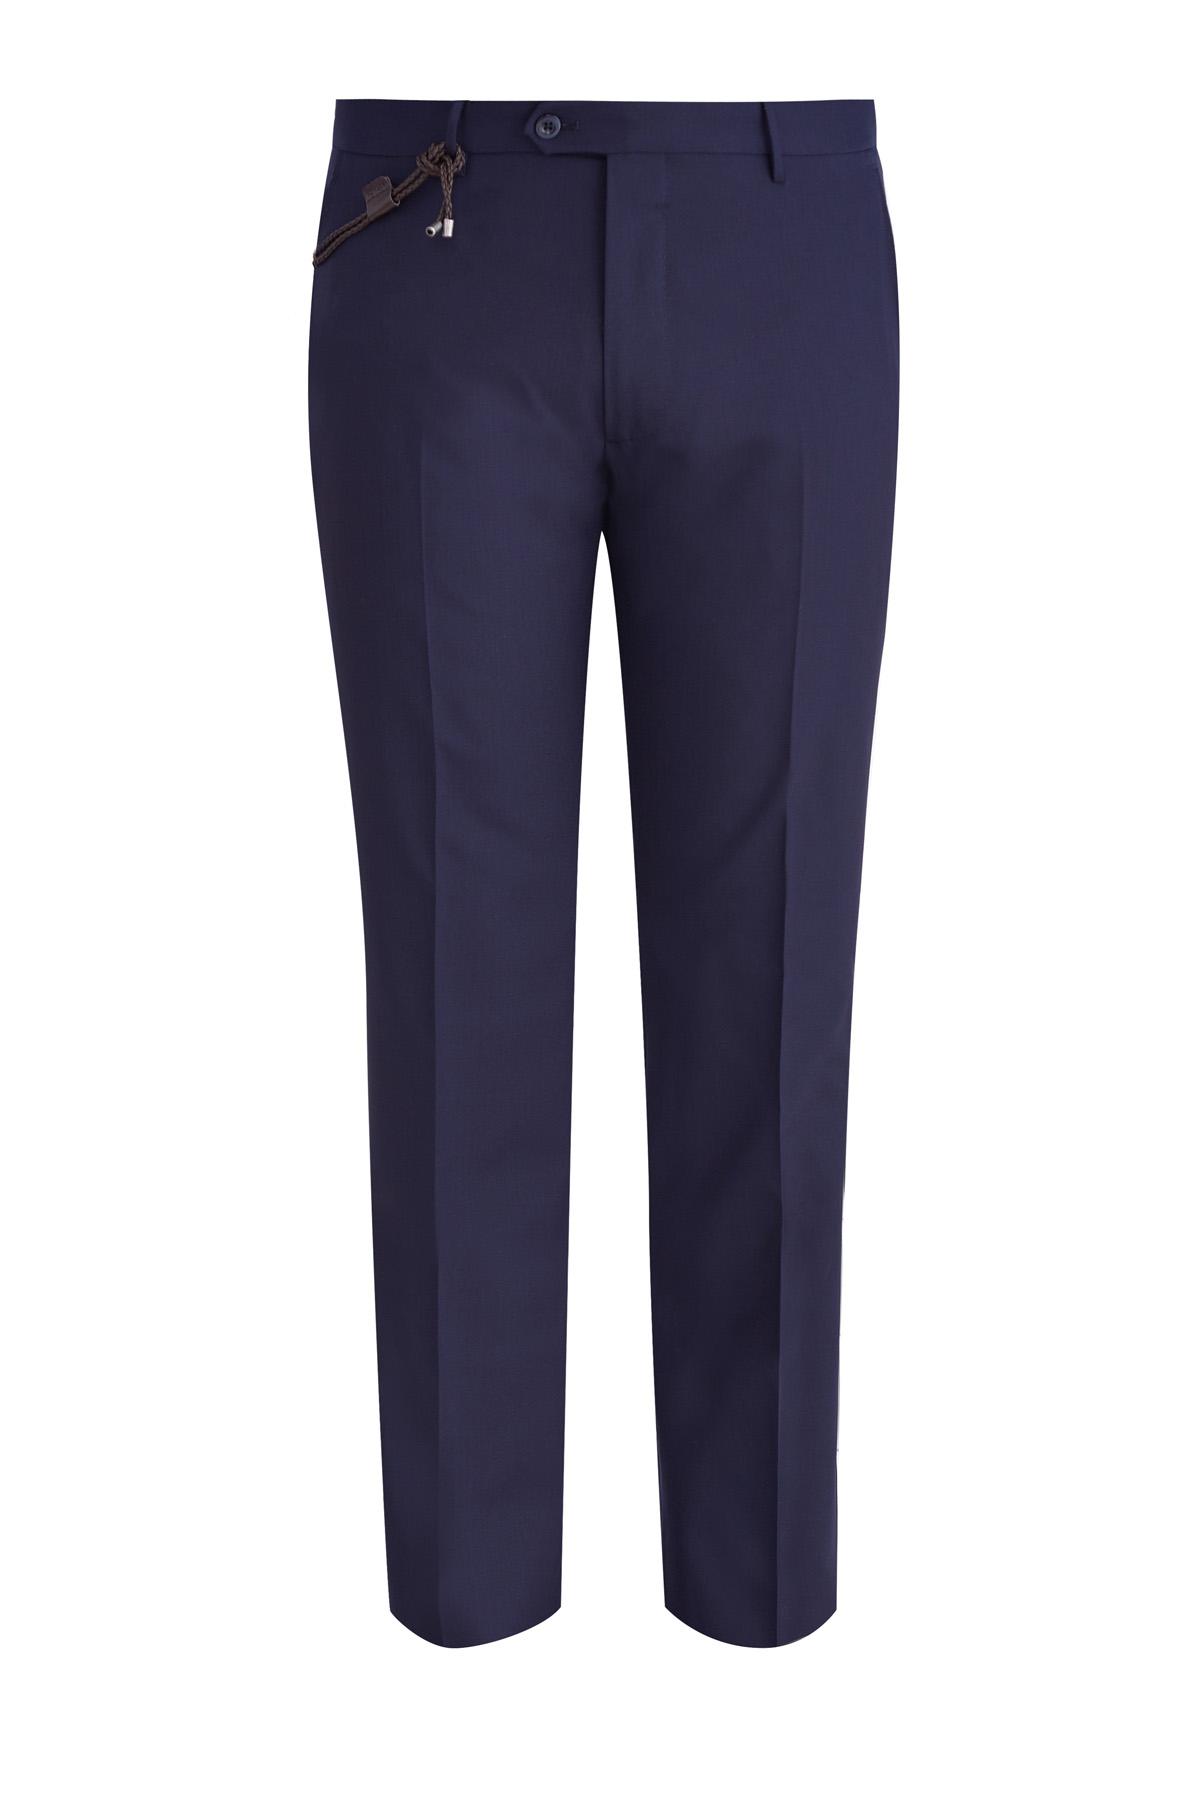 Купить со скидкой брюки